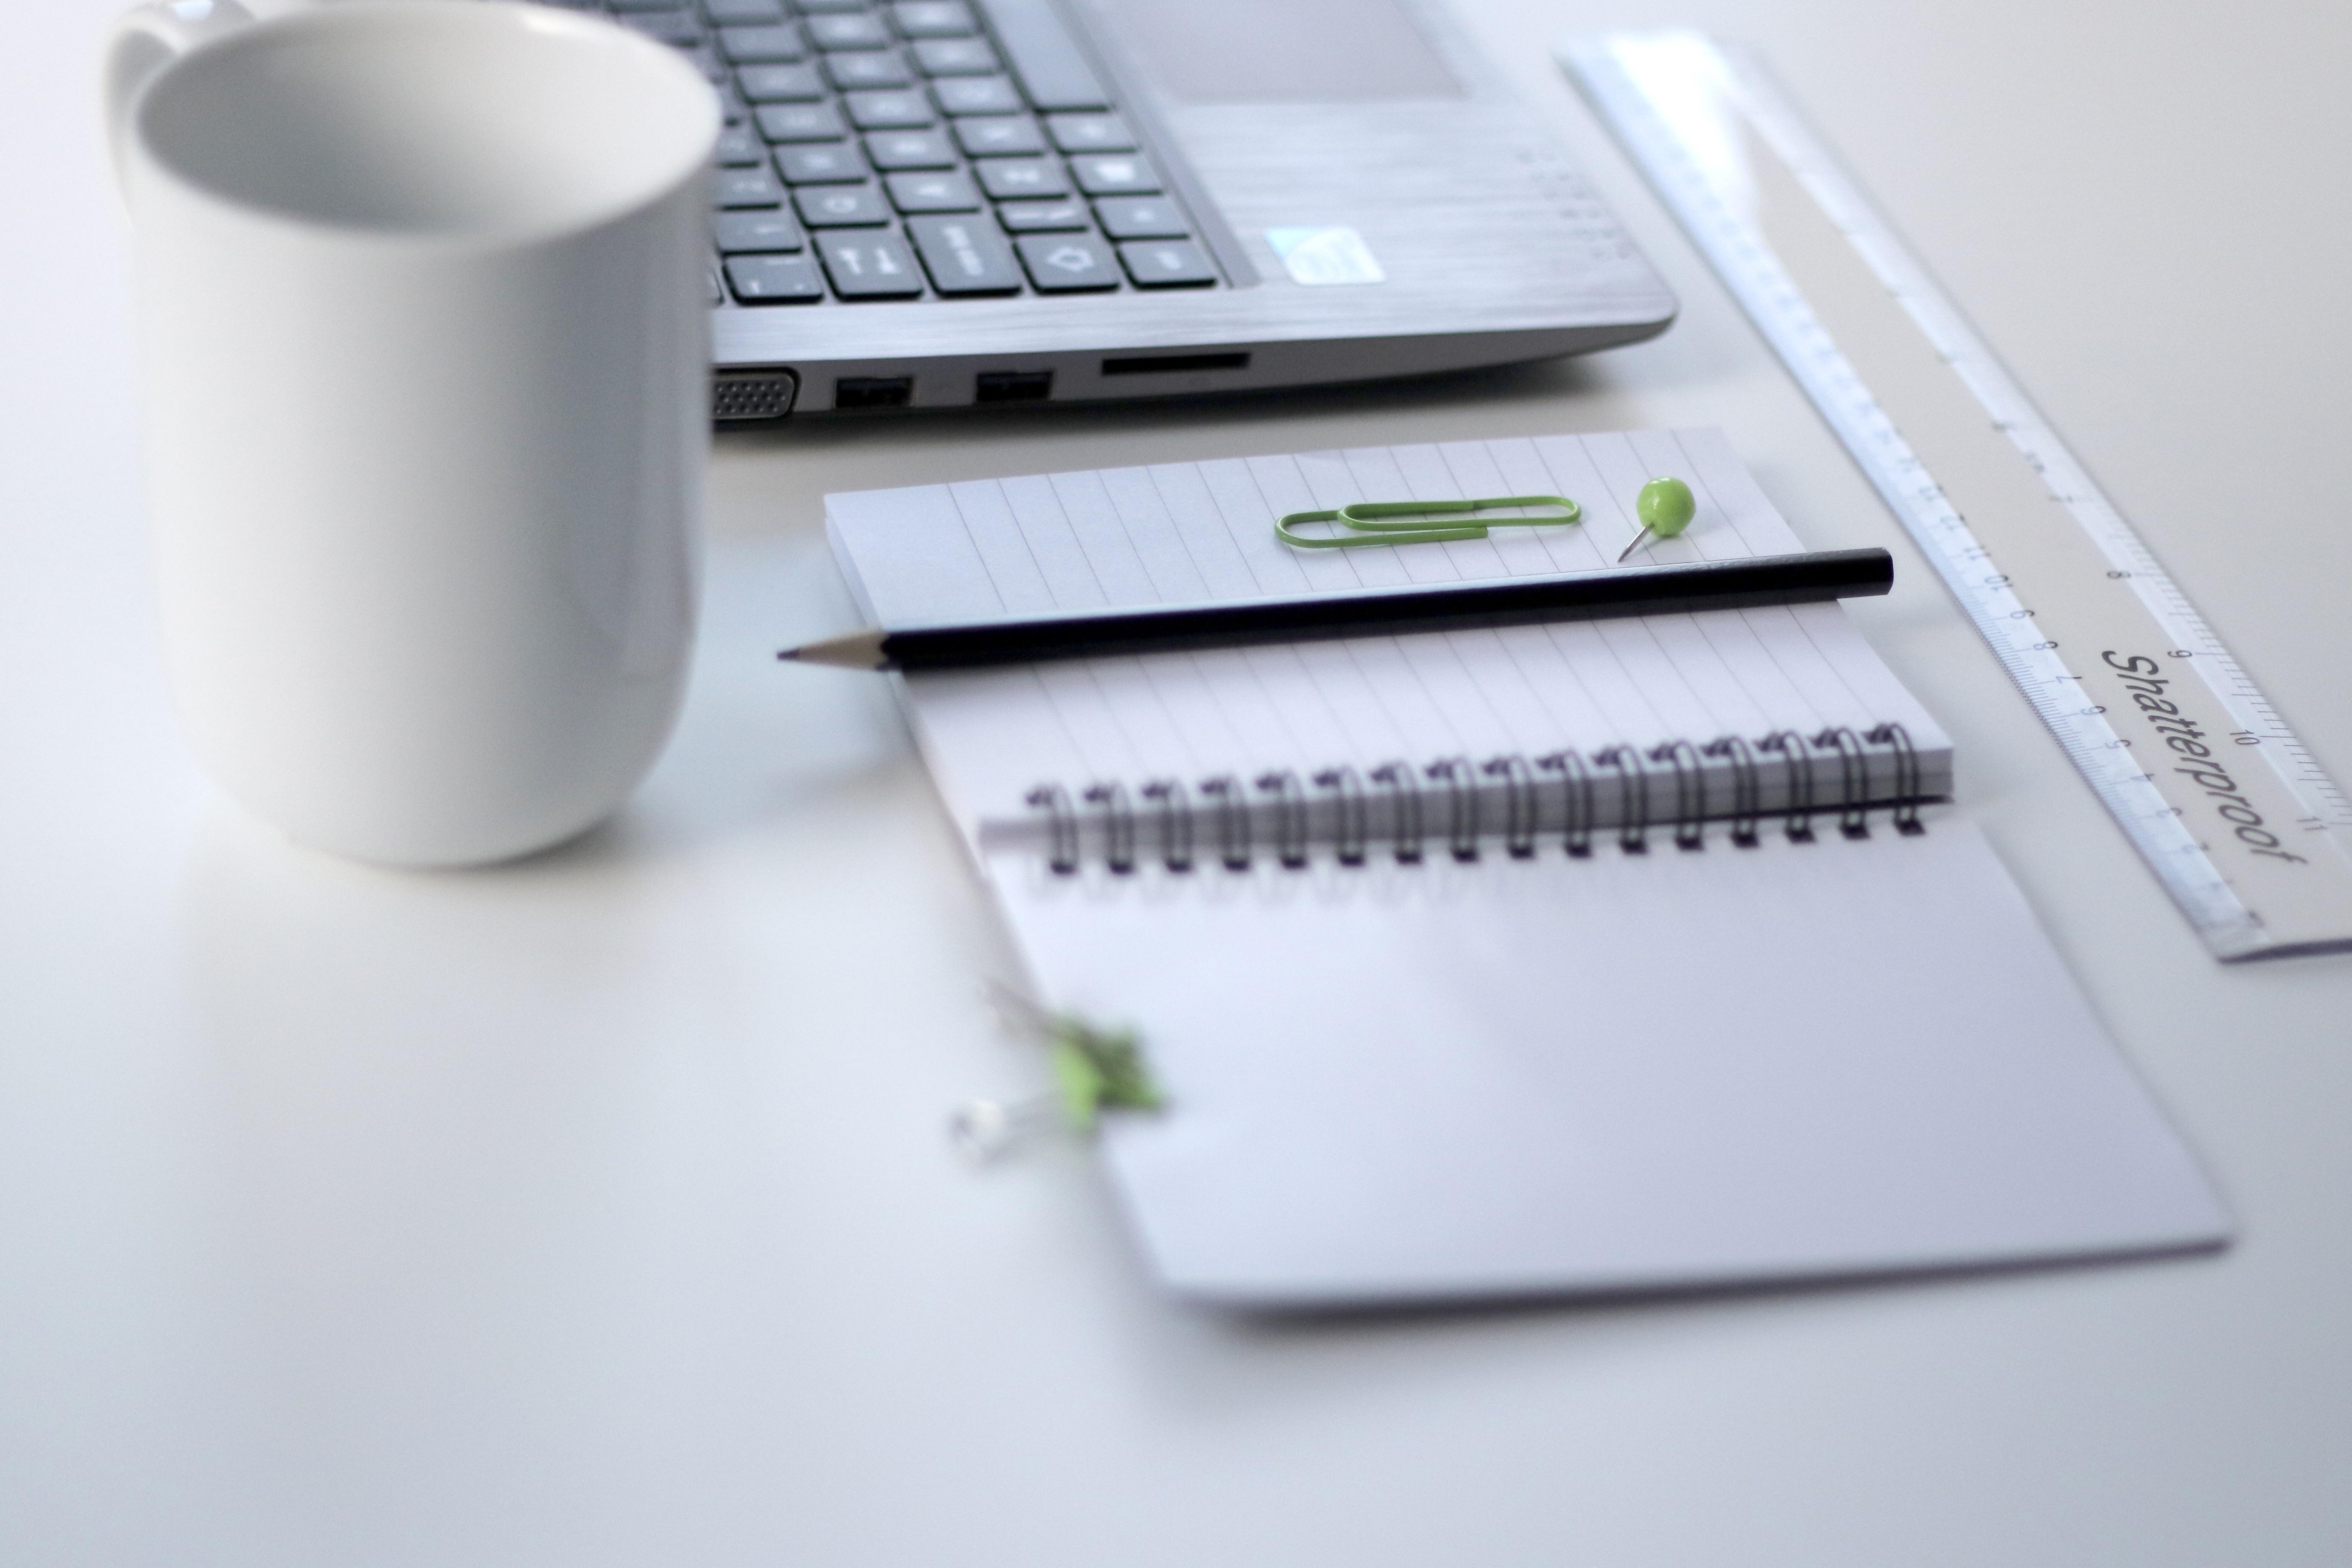 картинки : портативный компьютер, стол письменный, блокнот ...